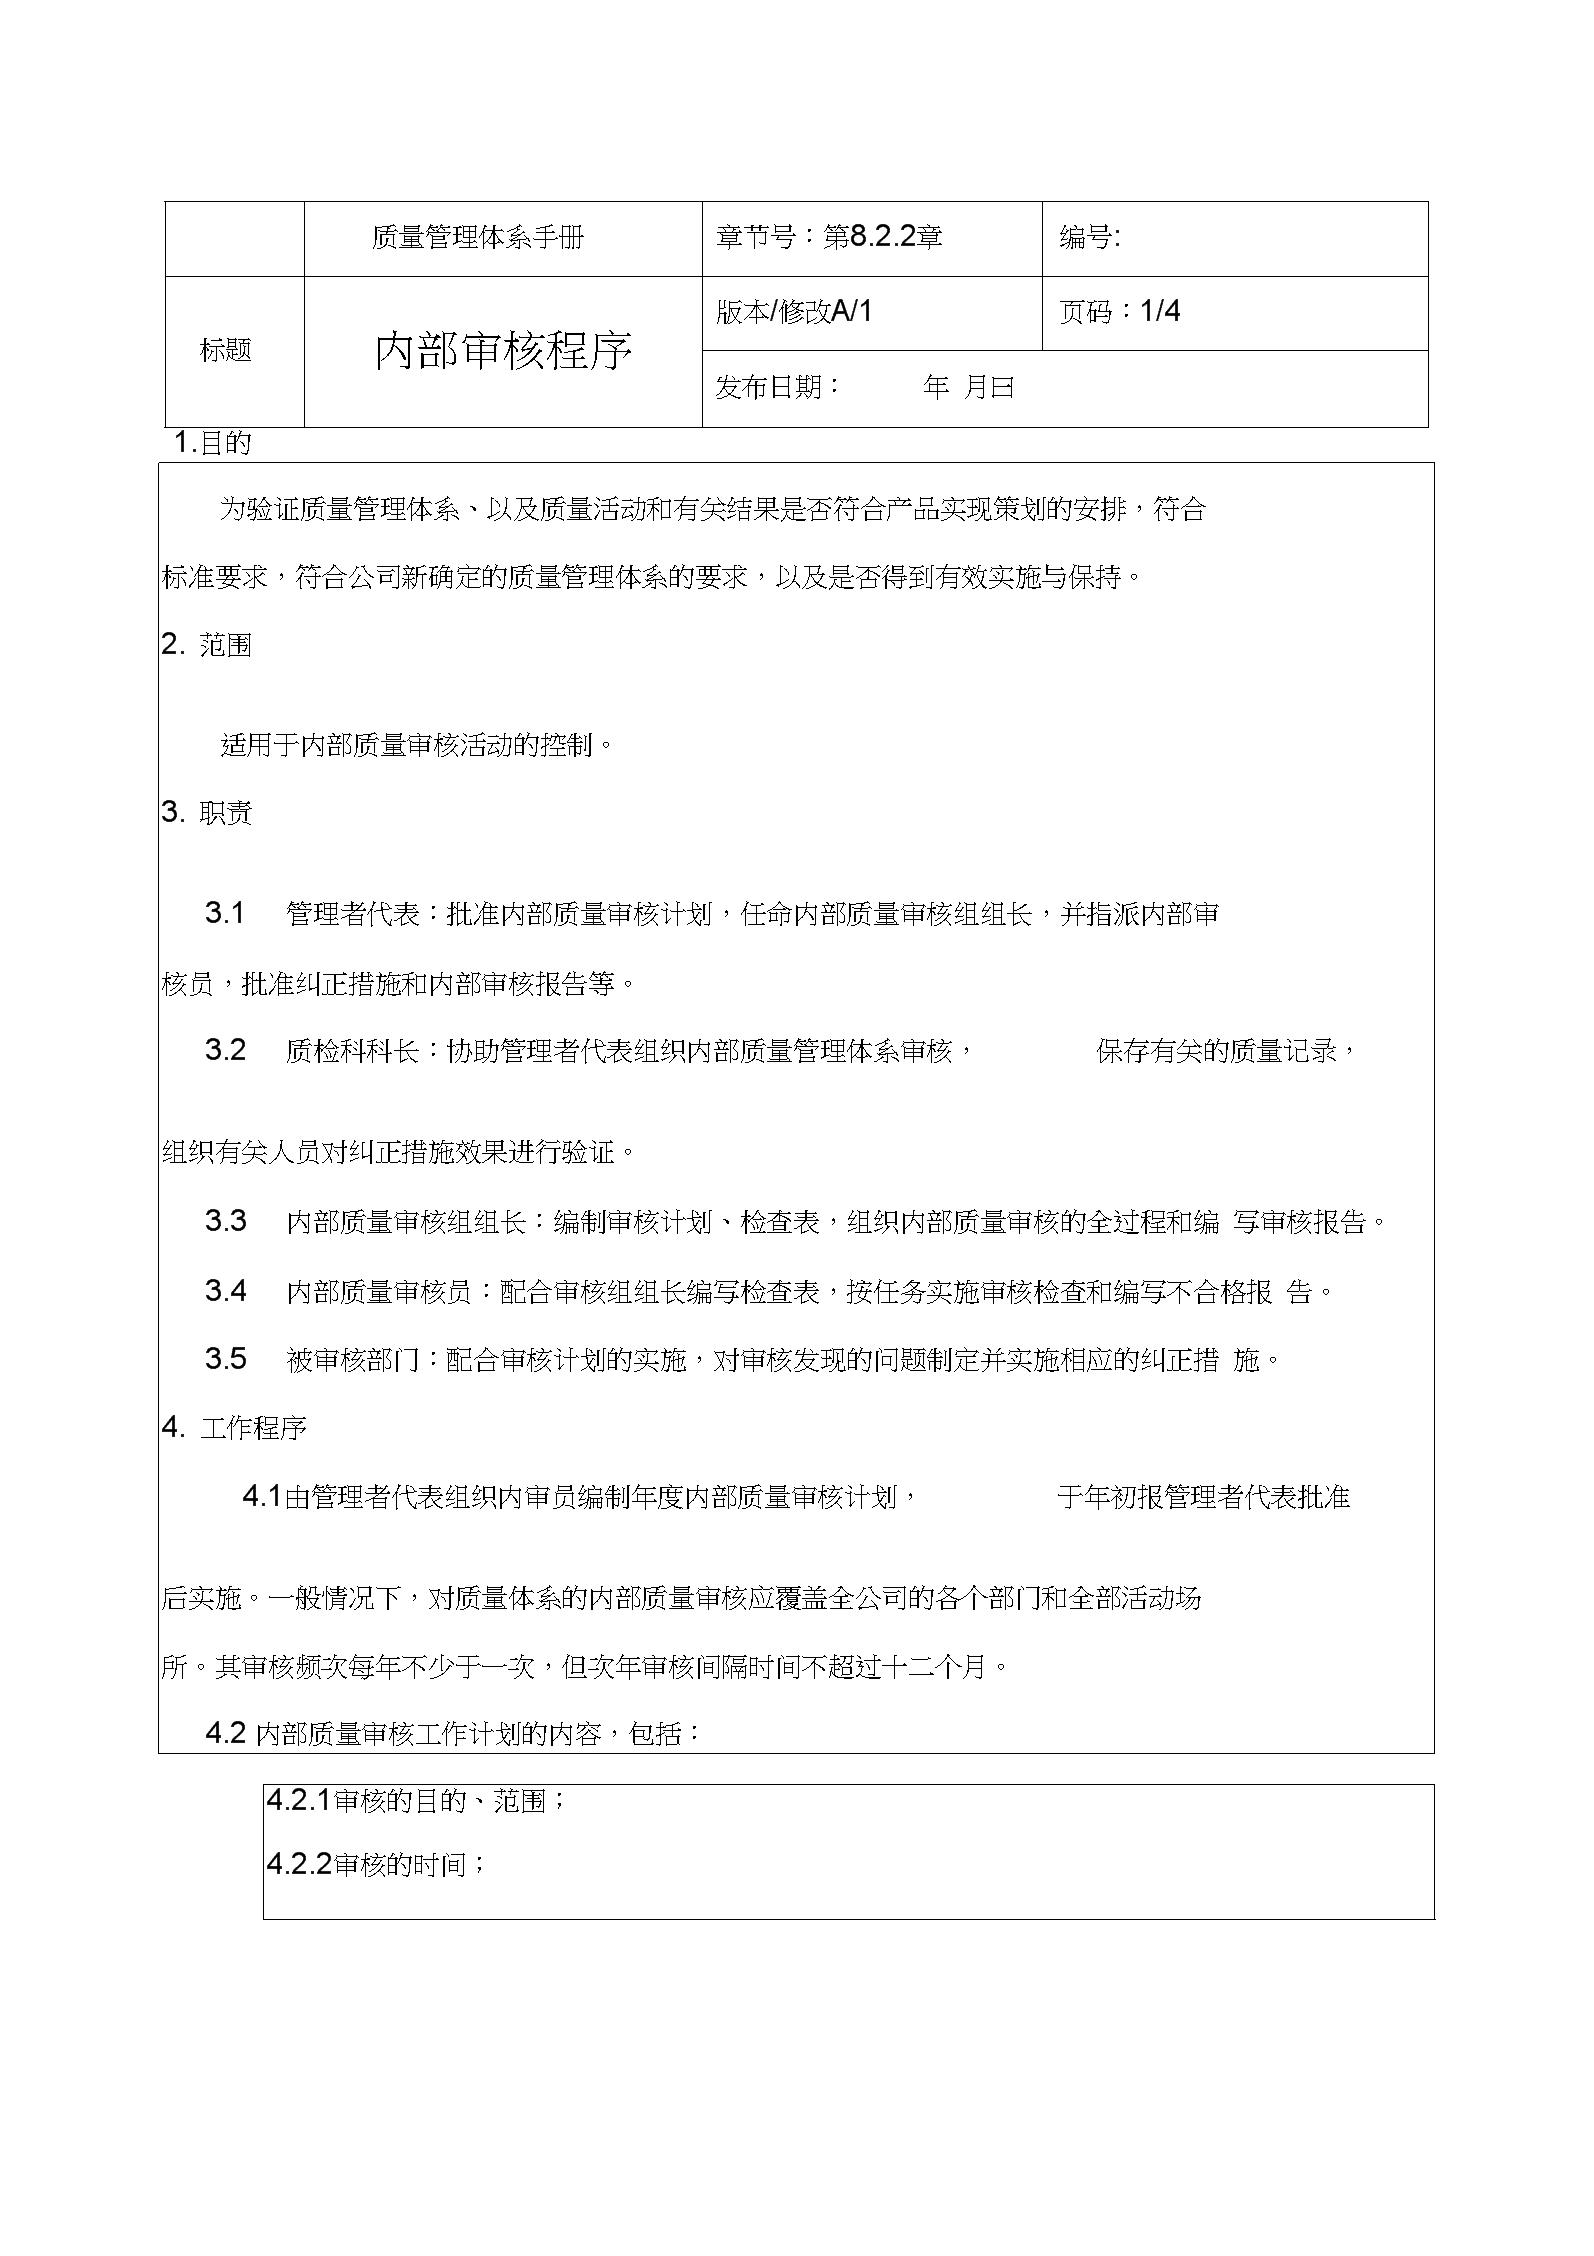 电梯内部审核程序0001.docx